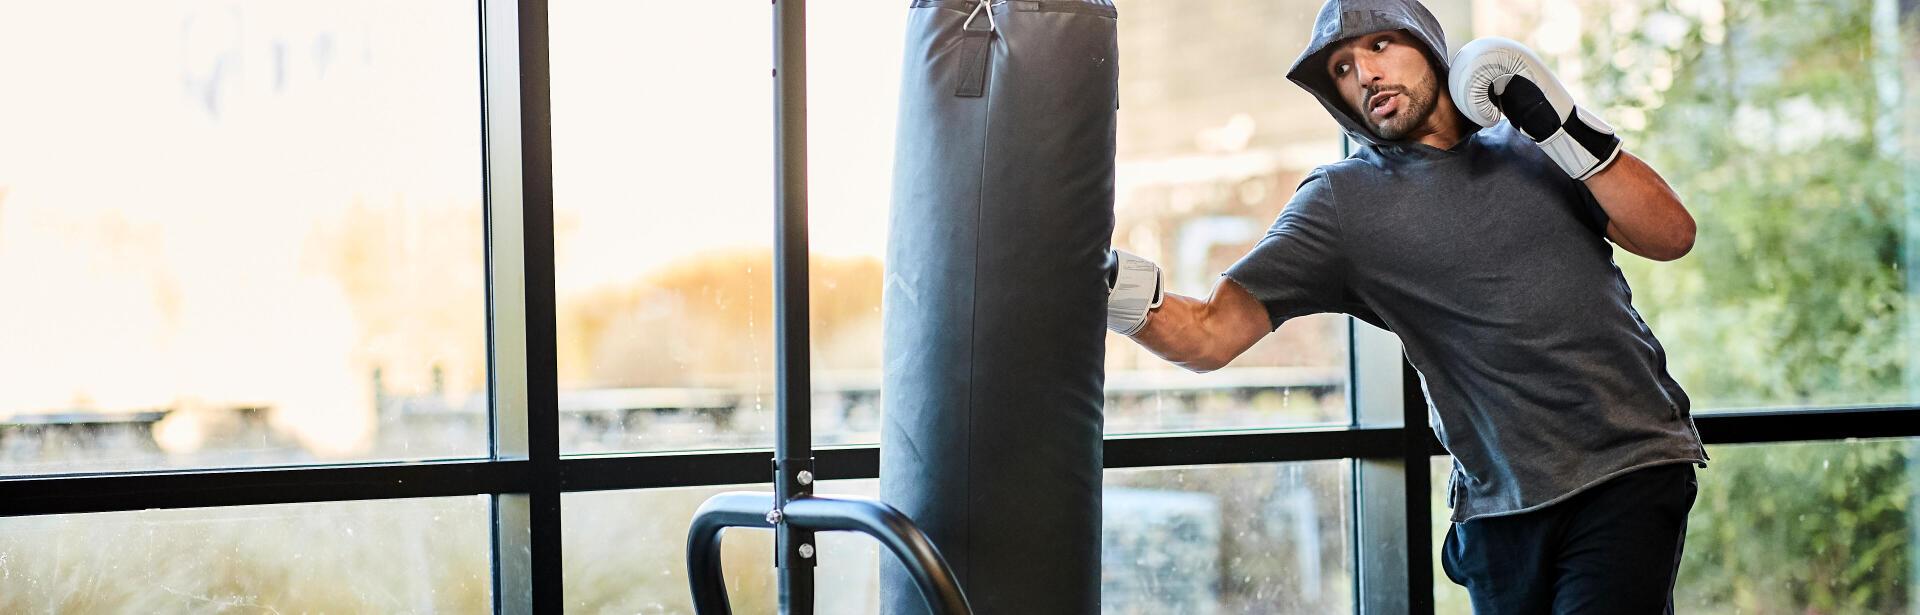 sport de combat